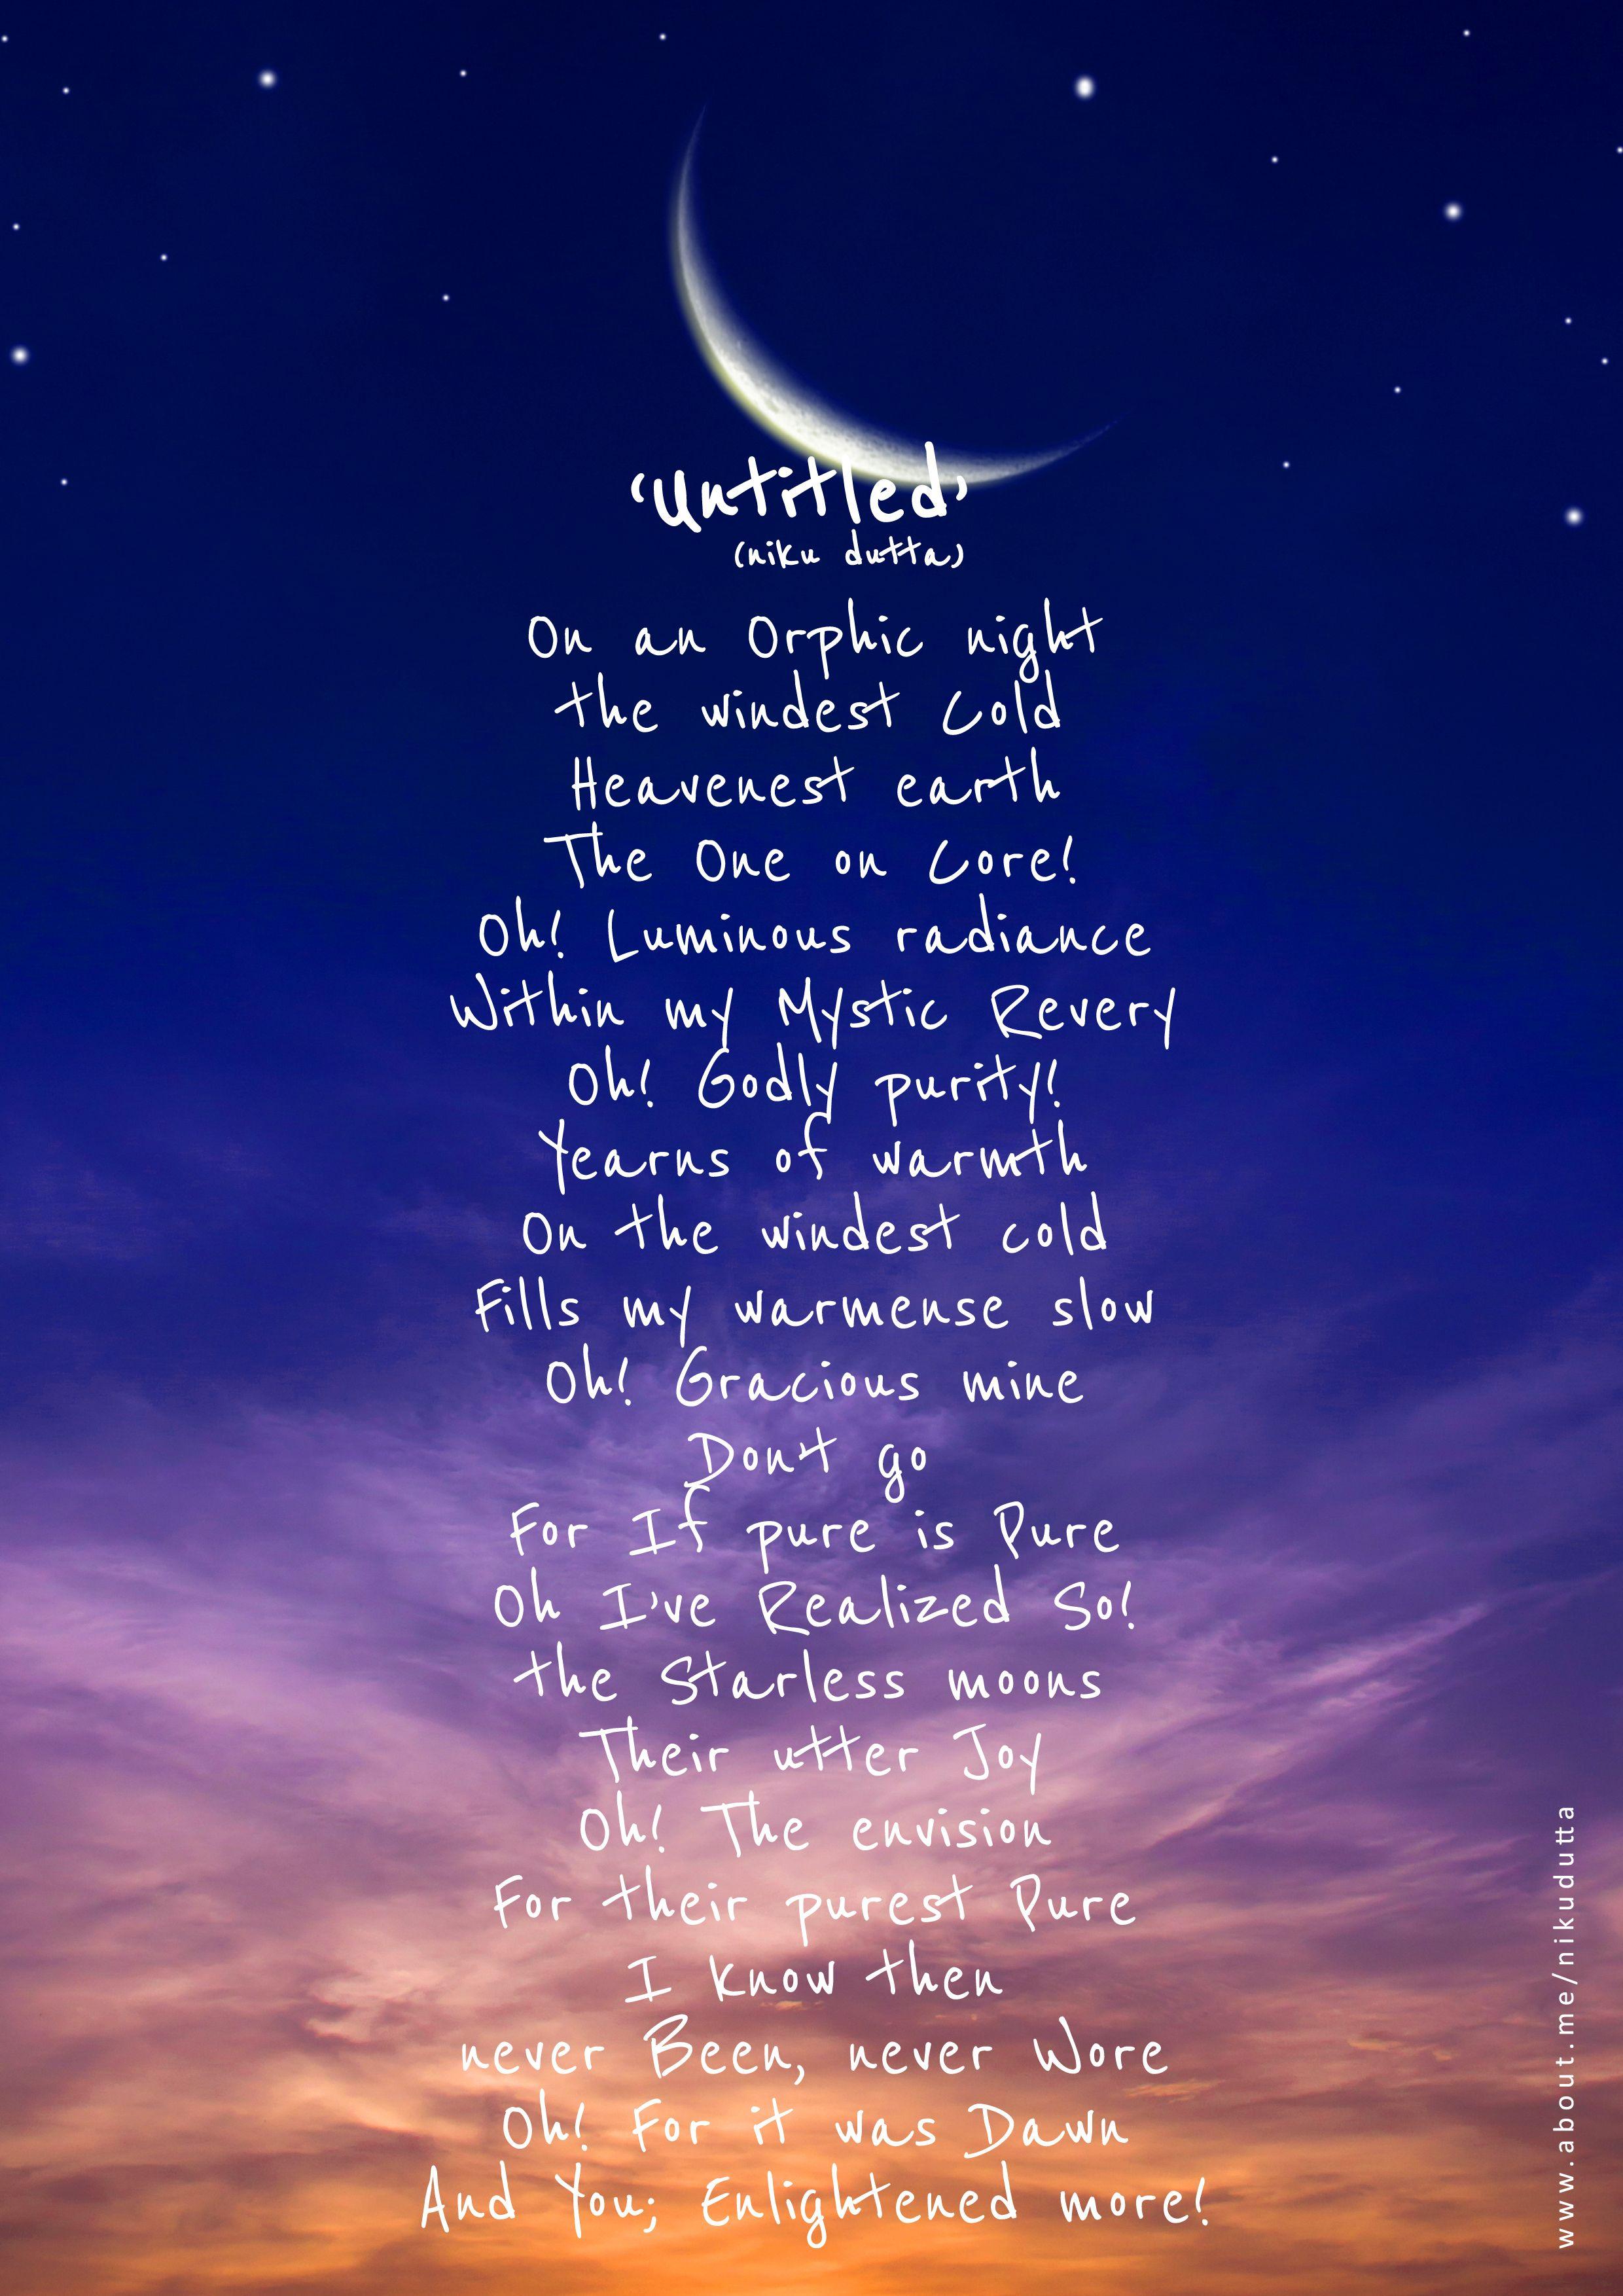 'Untitled'. #Poem #Poetic #Light #Moon #Stars #Love ...